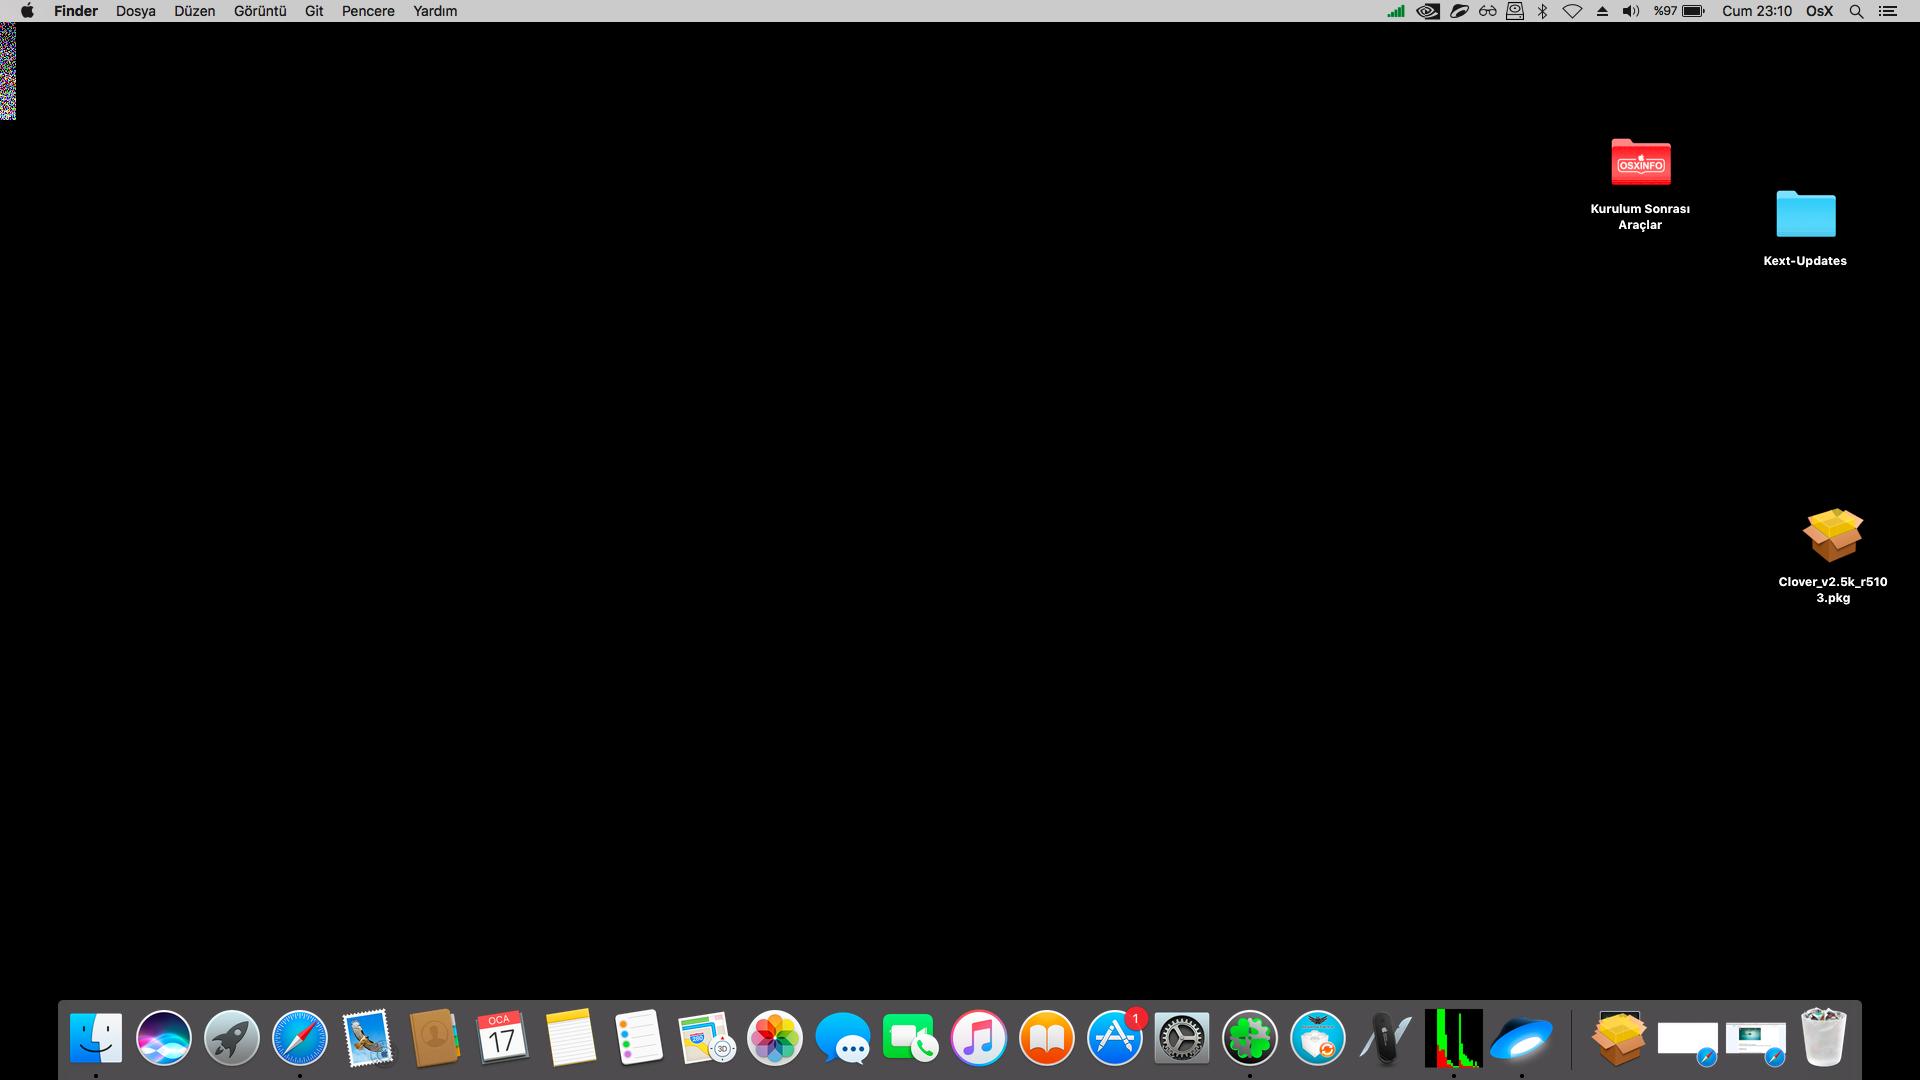 Problemli ekran görüntüsü 01.png